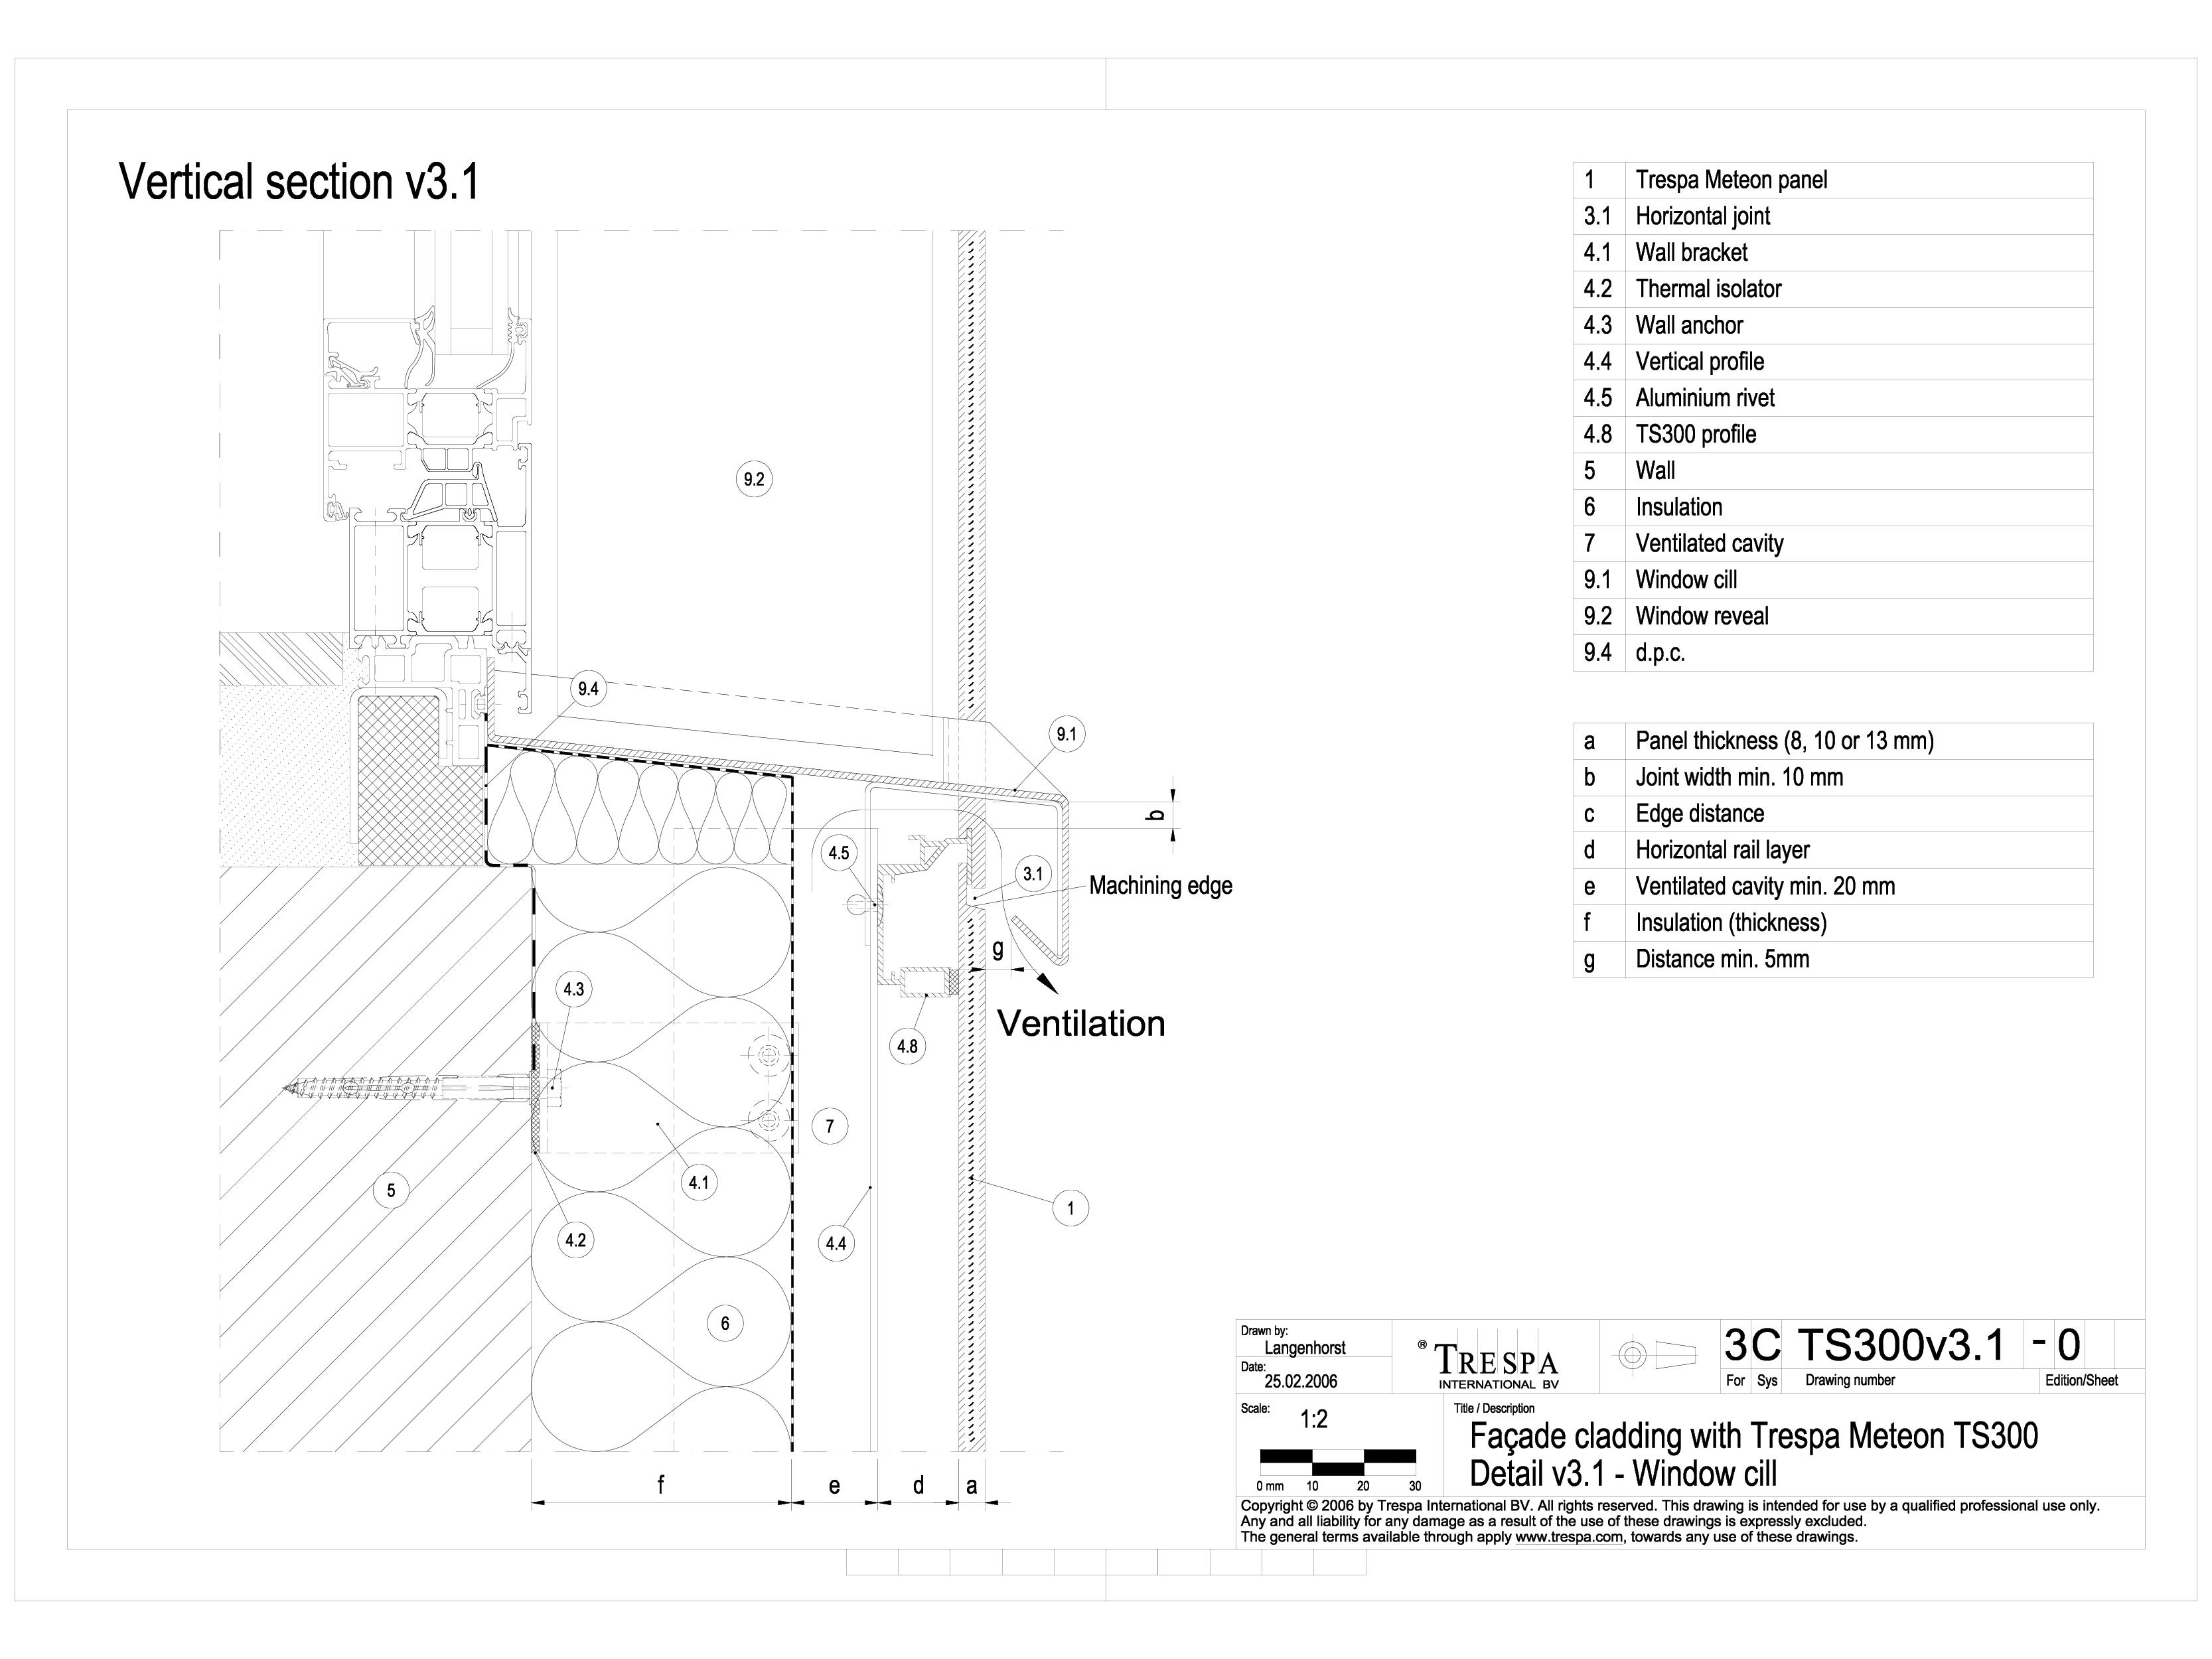 Sisteme de prindere fatade ventilate cu profile oarbe, detaliu de racordare la fereastra METEON TRESPA Placi HPL pentru fatade ventilate GIBB TECHNOLOGIES  - Pagina 1